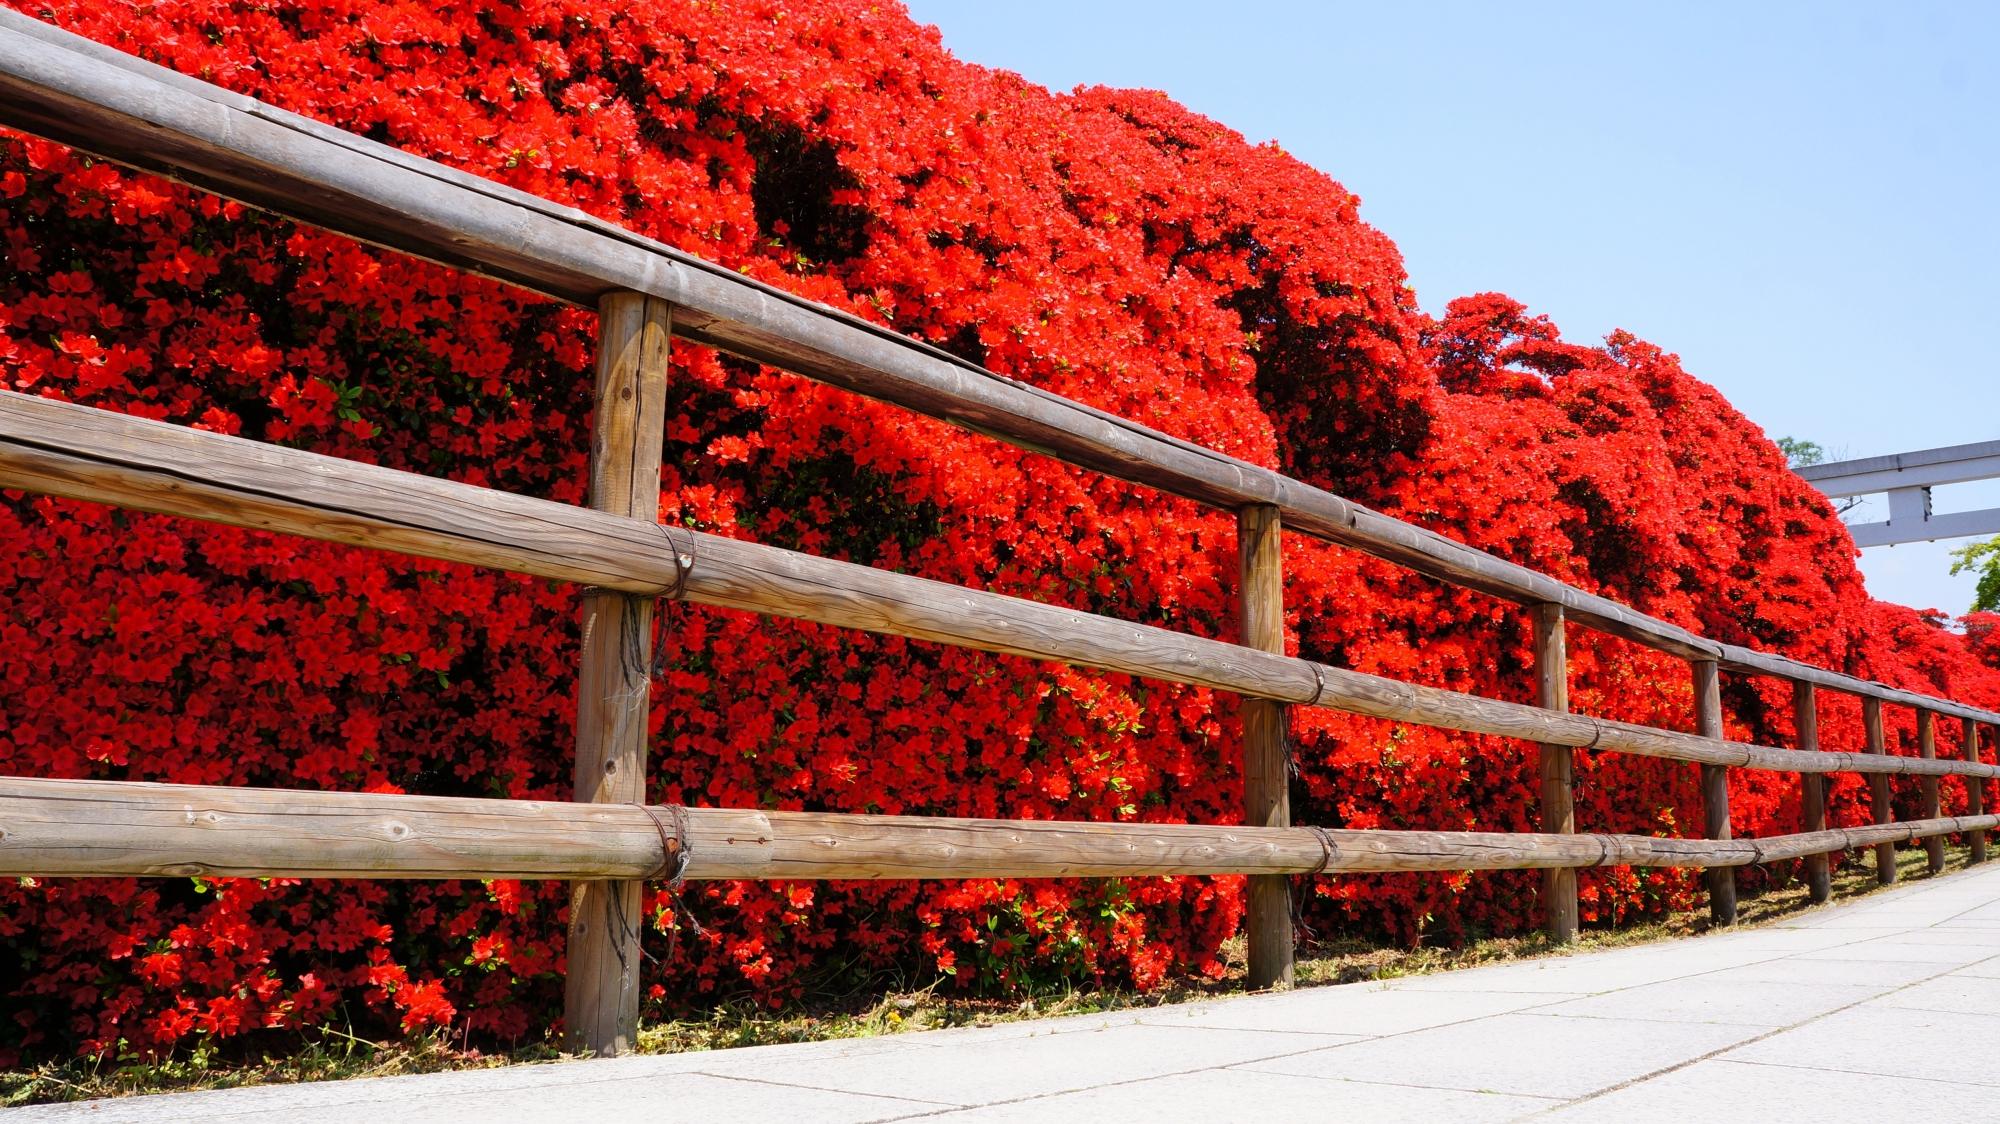 上から下まで真っ赤な壁になる天晴れな春の情景